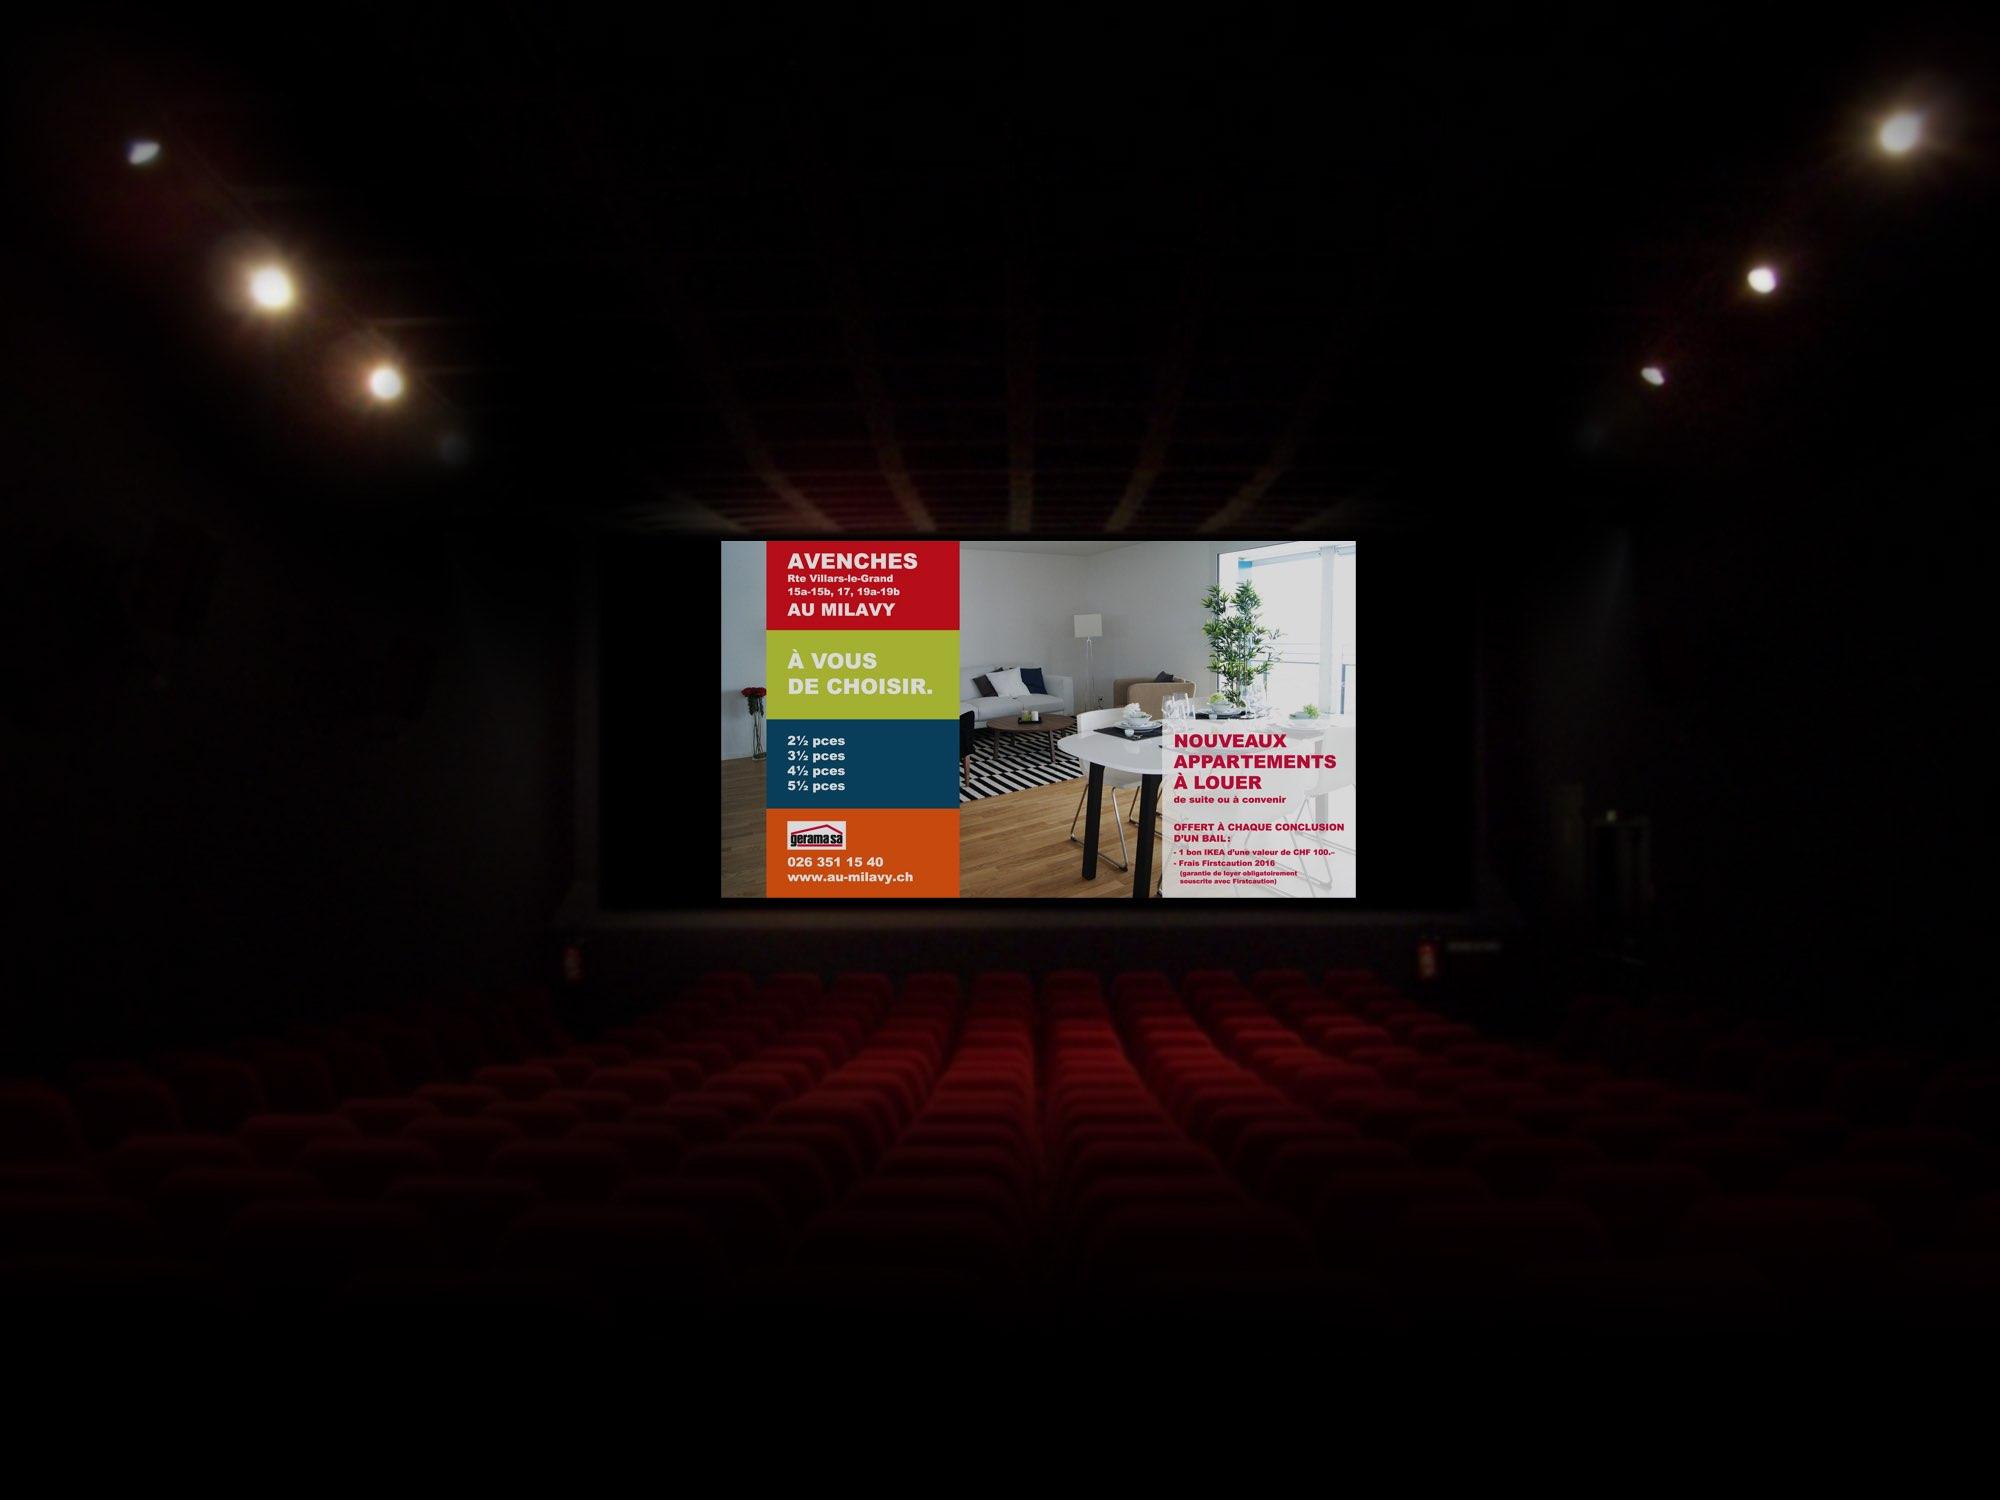 Gerama Immobilier SA – Annonce cinéma pour promotion immobilière «Au Milavy Avenches» par Créambule